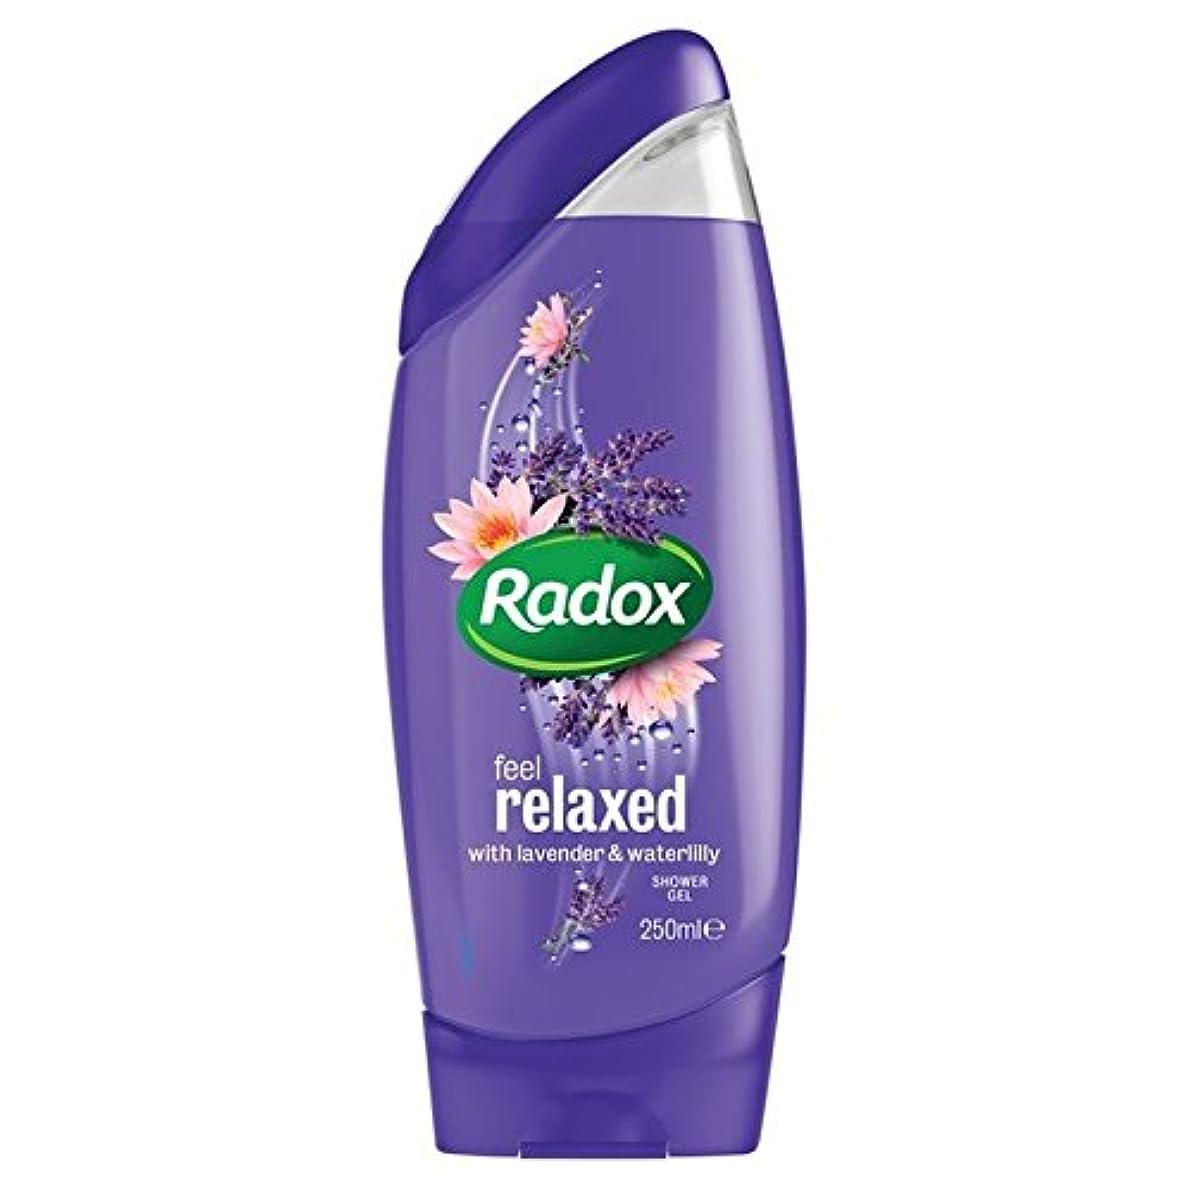 Radox Feel Relaxed Shower Gel 250ml (Pack of 6) - はリラックスシャワージェル250ミリリットルを感じます x6 [並行輸入品]